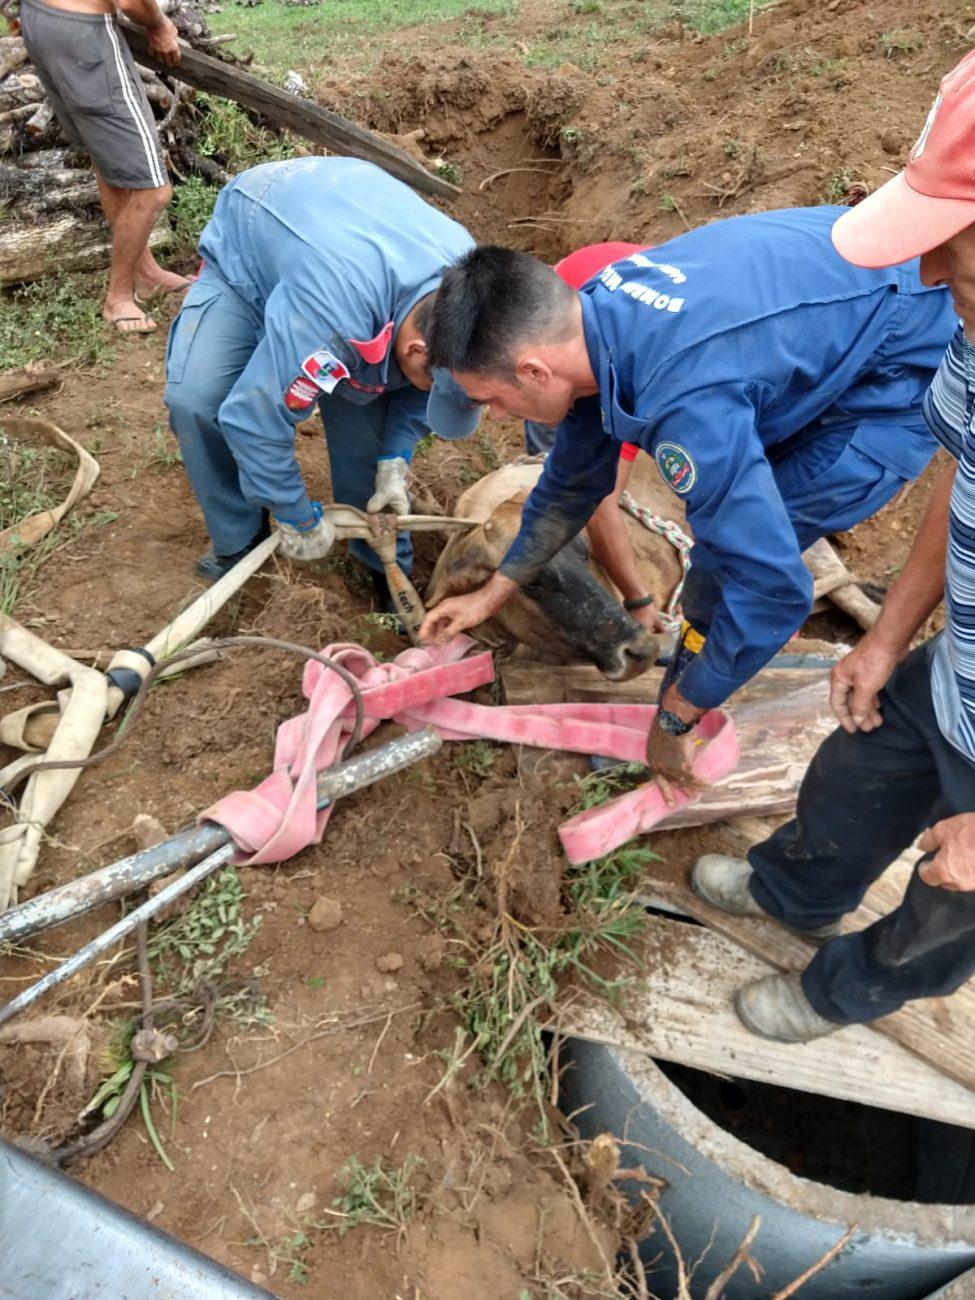 Vaca cai em tubulação em Chapadão do Lageado - CBM/Divulgação